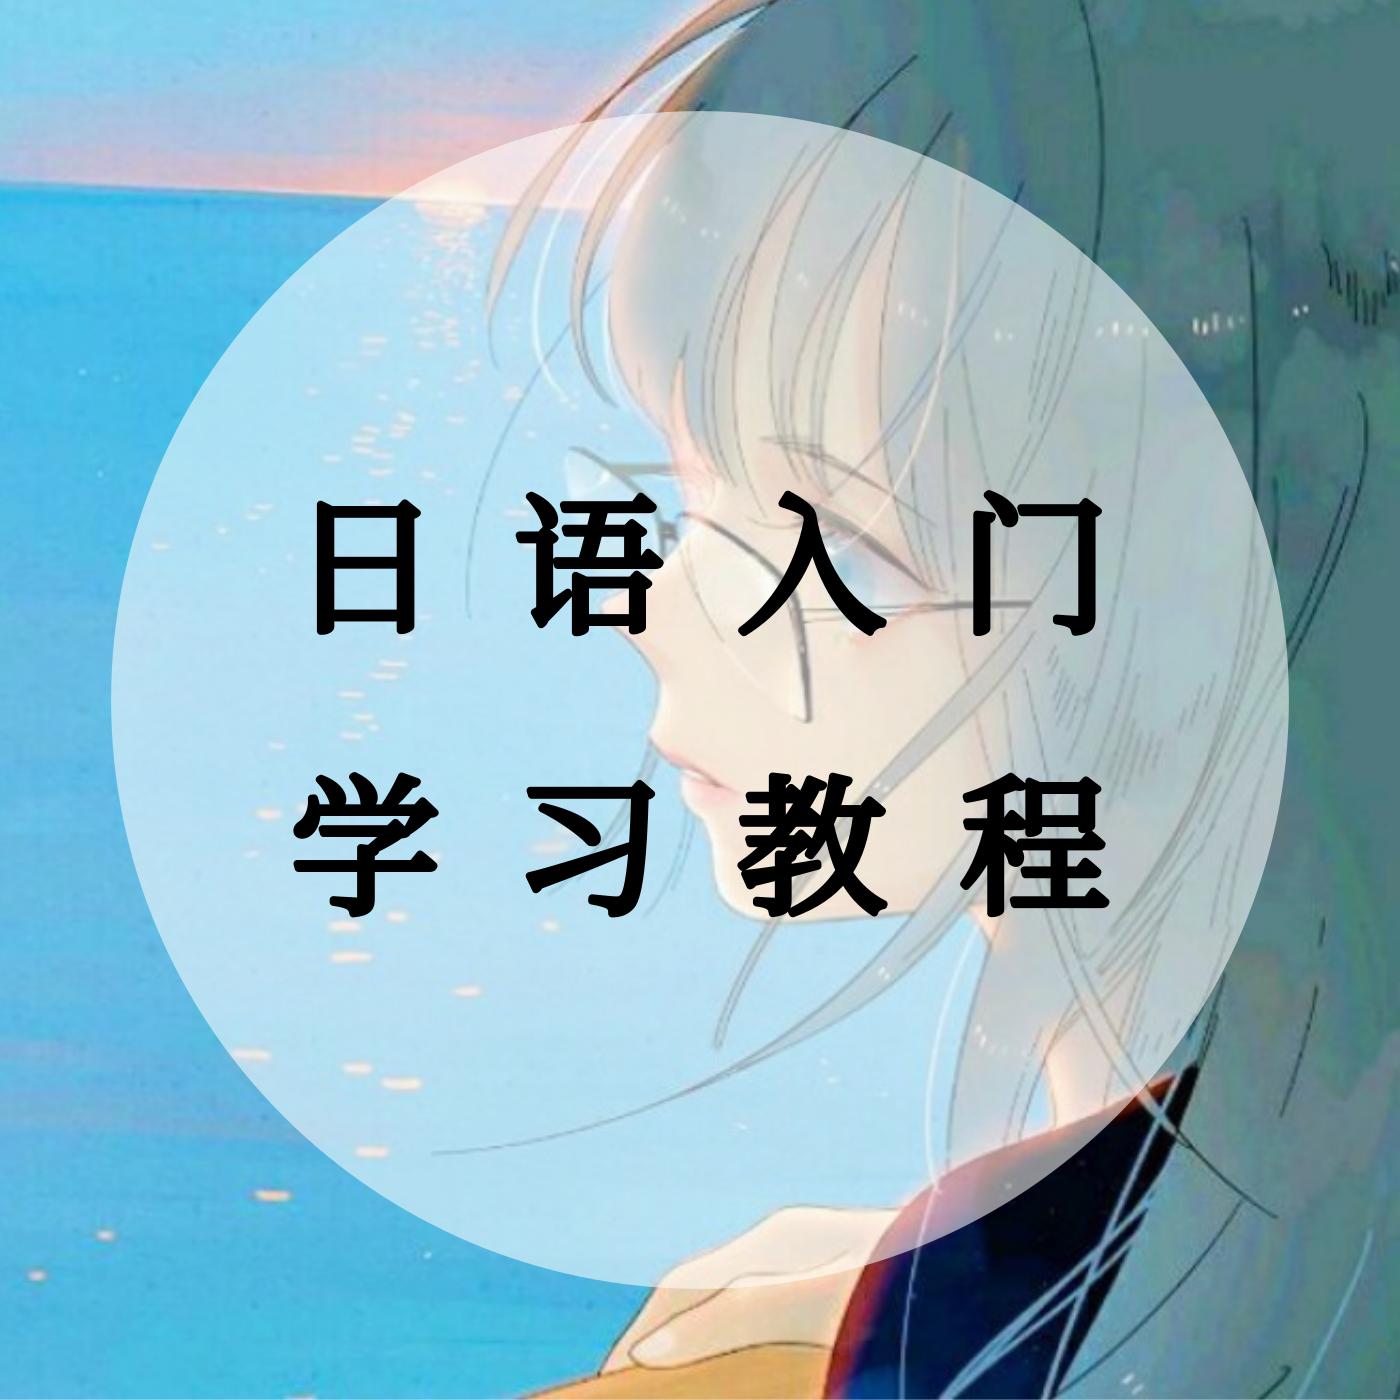 日语零基础入门学习教程